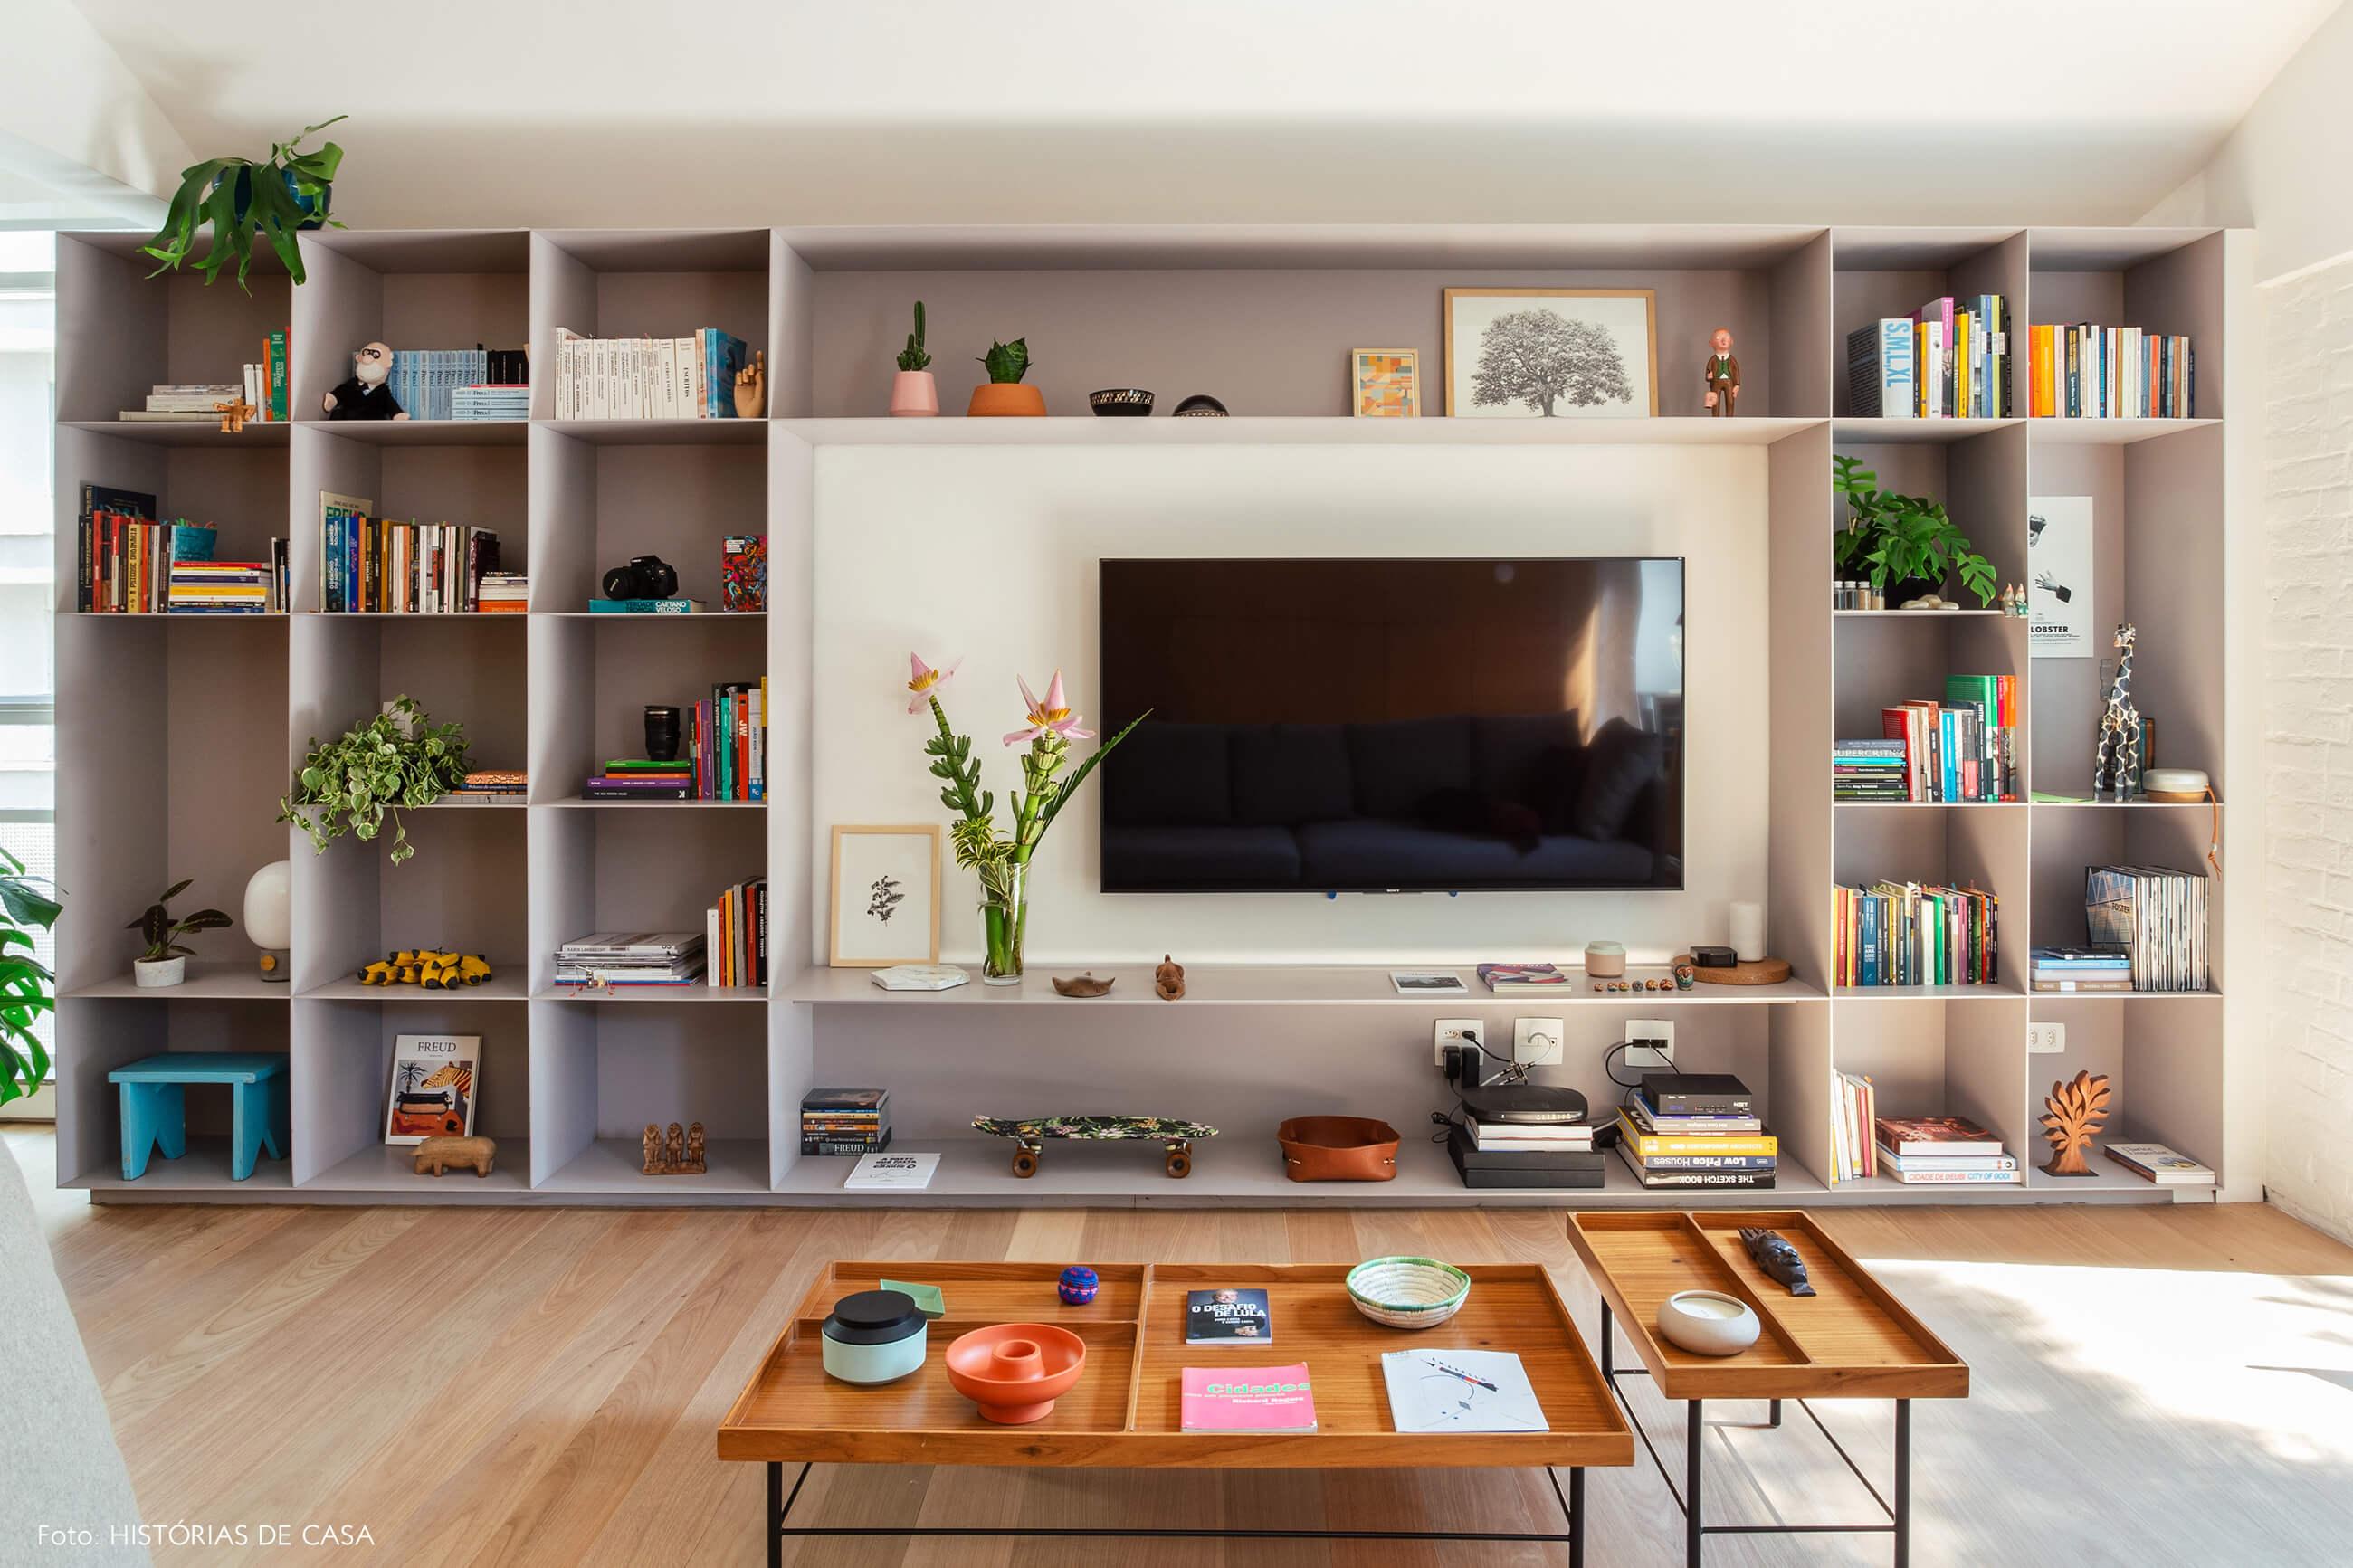 Estante metálica de serralheria cinza como móvel para a TV